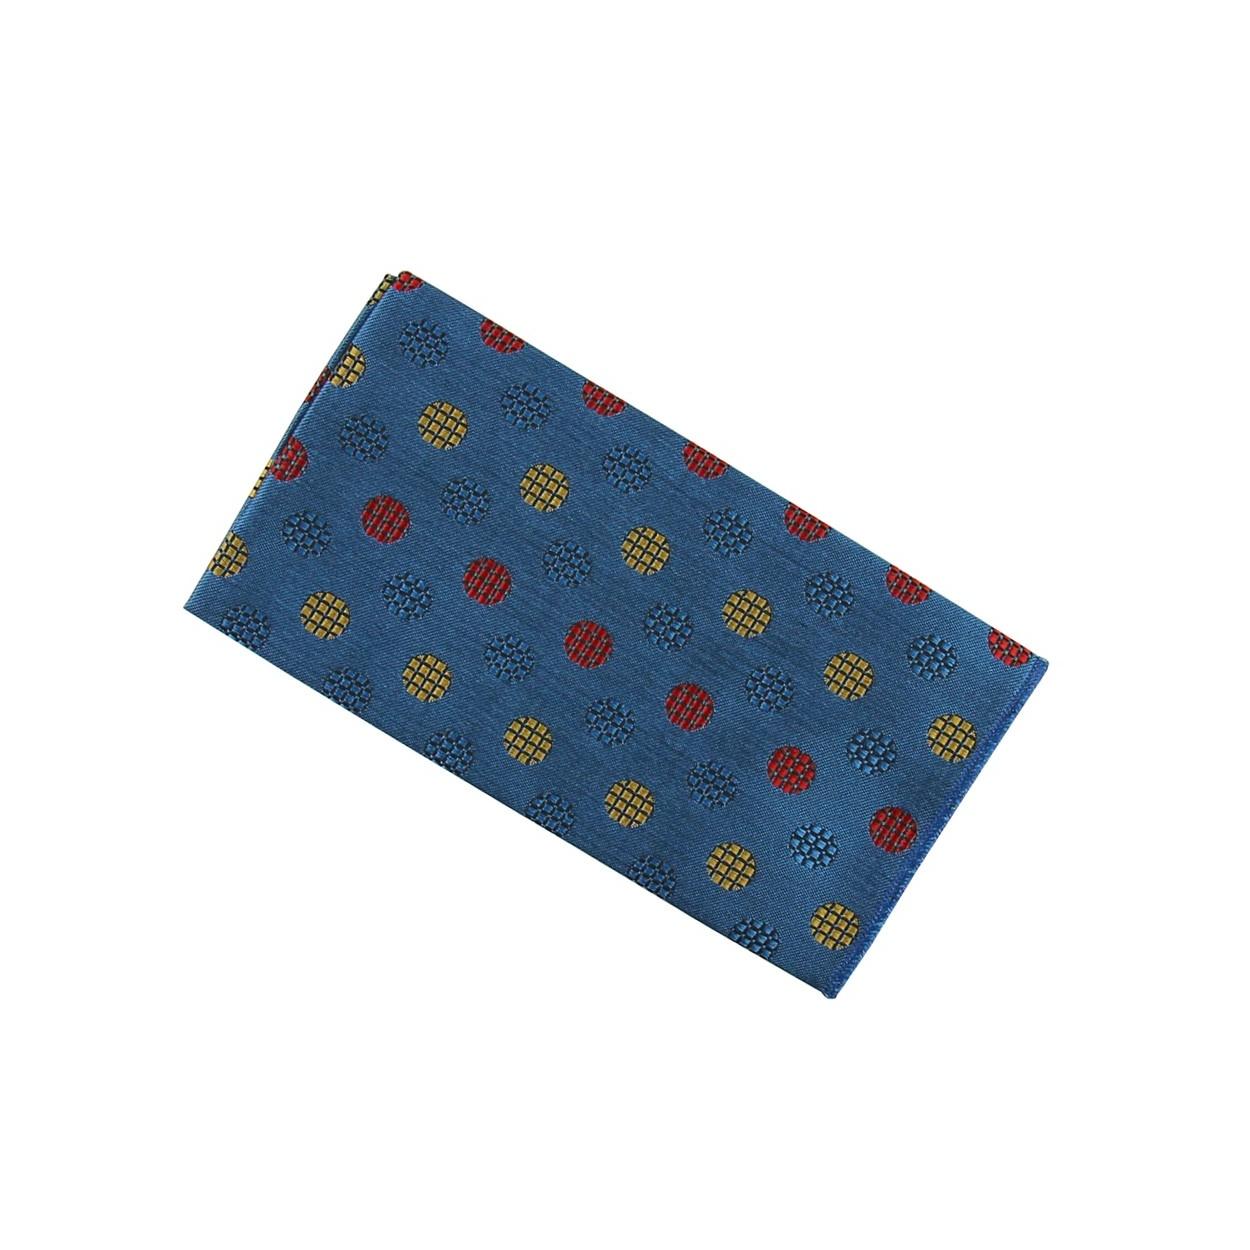 Modrý pánský kapesníček do saka s barevnými kolečky